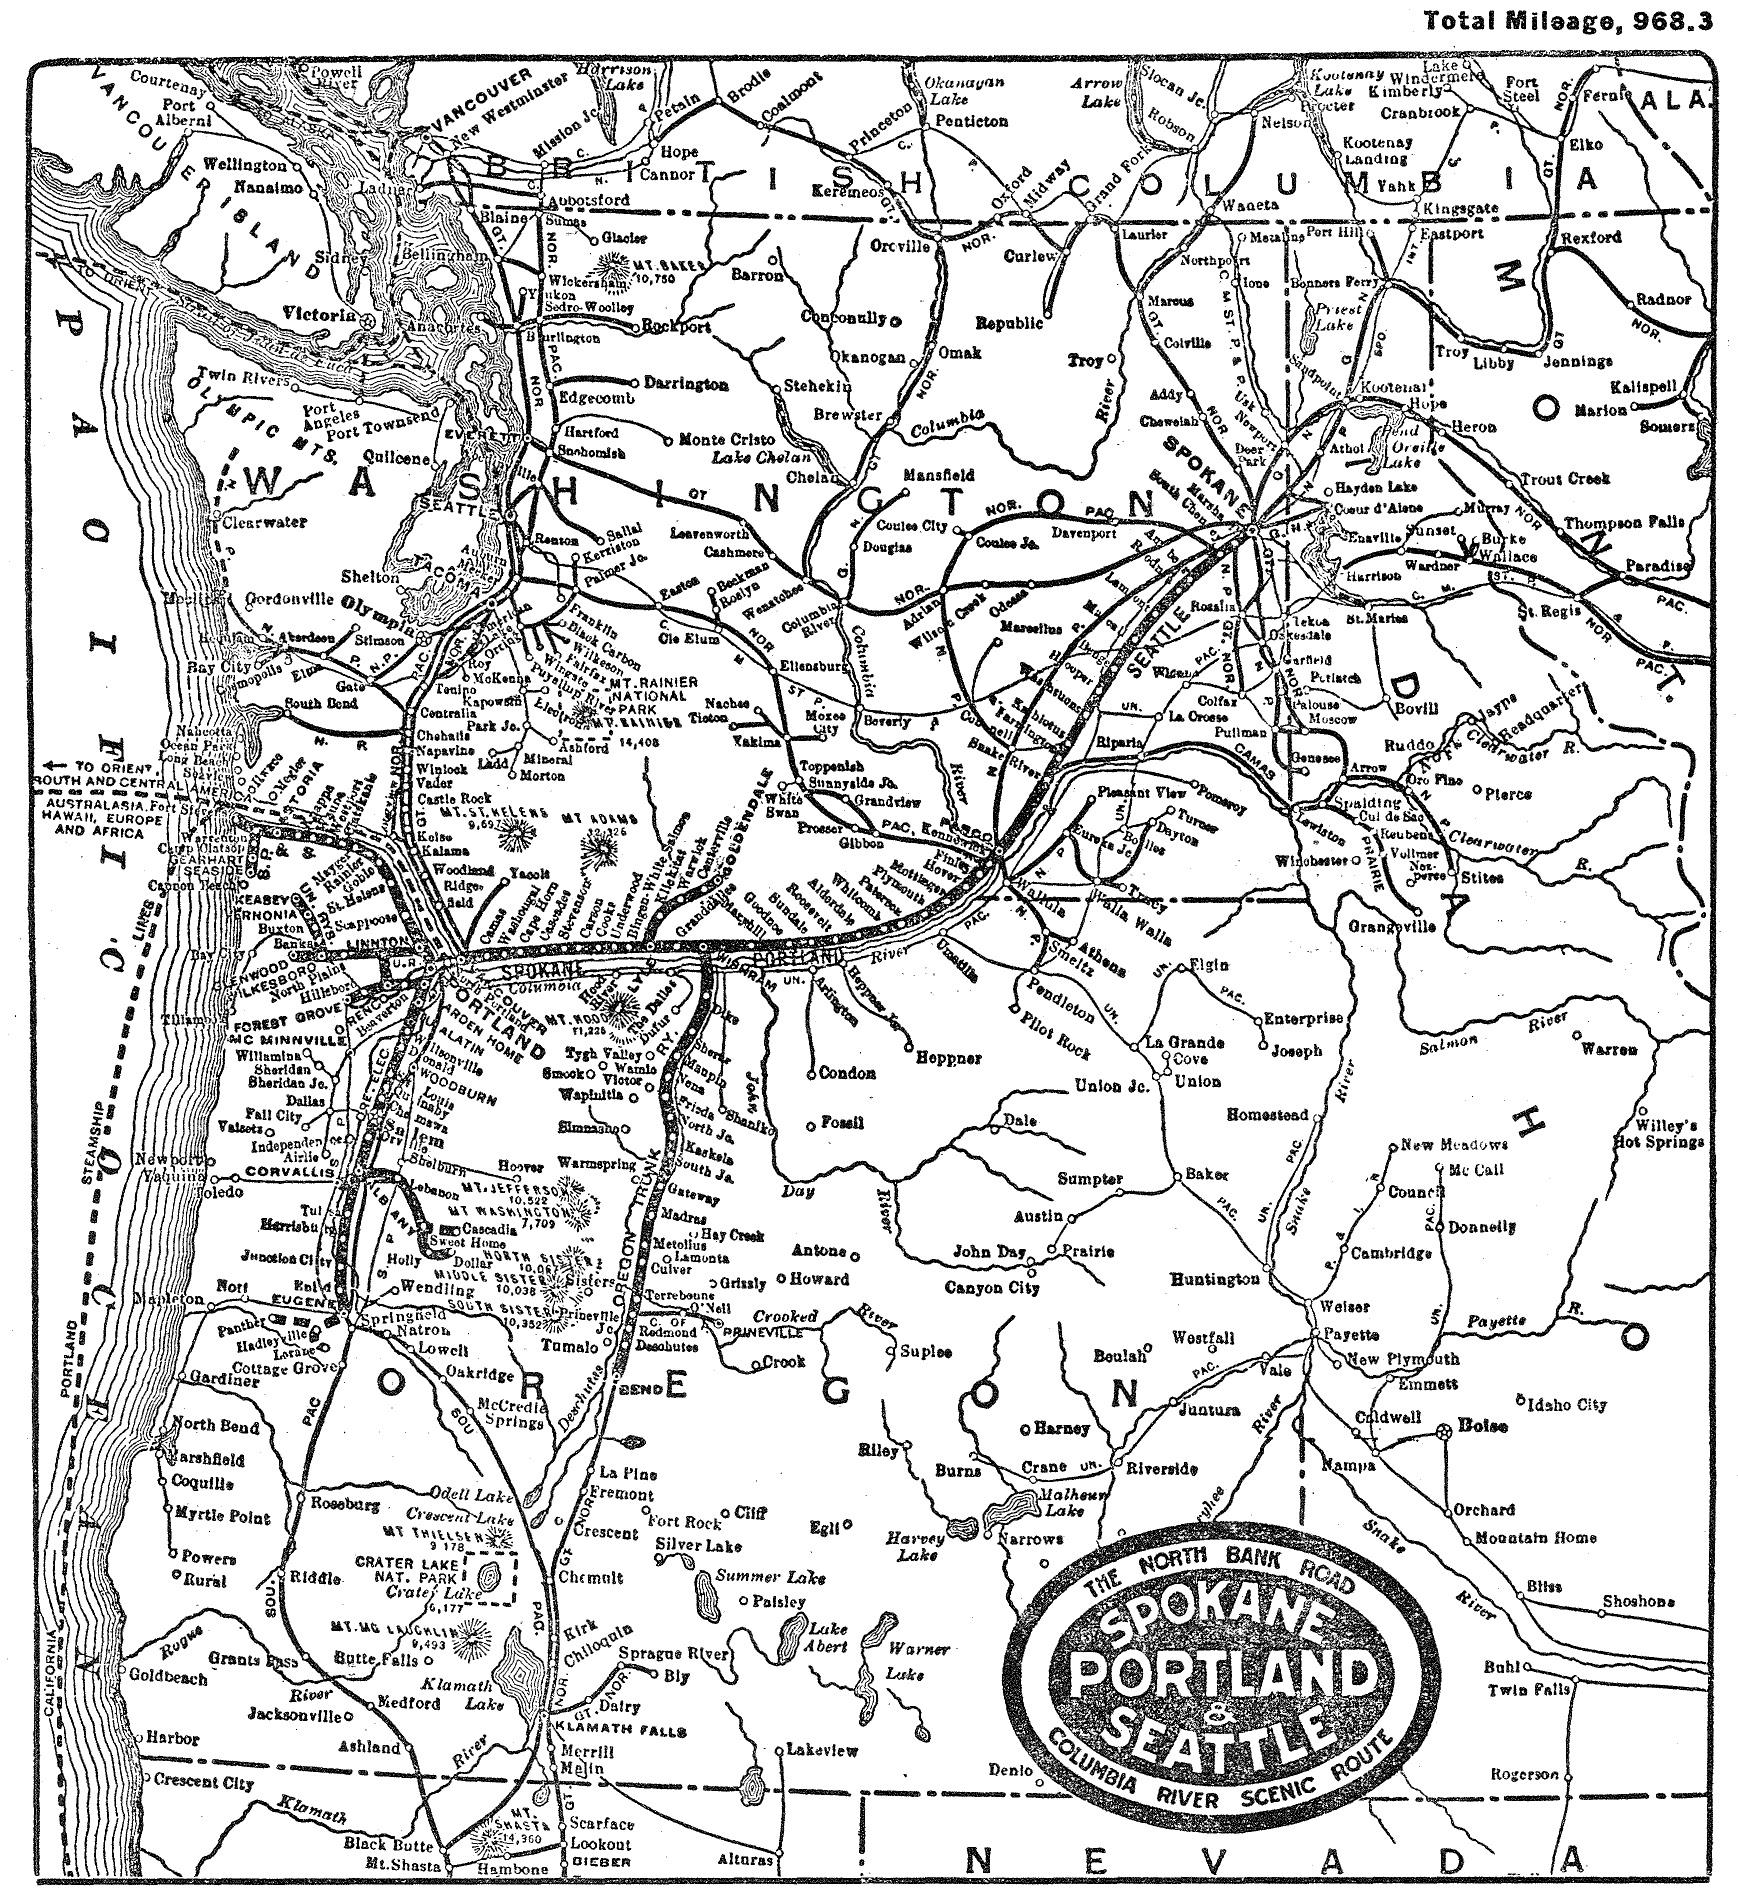 The Spokane Portland and Seattle Railway